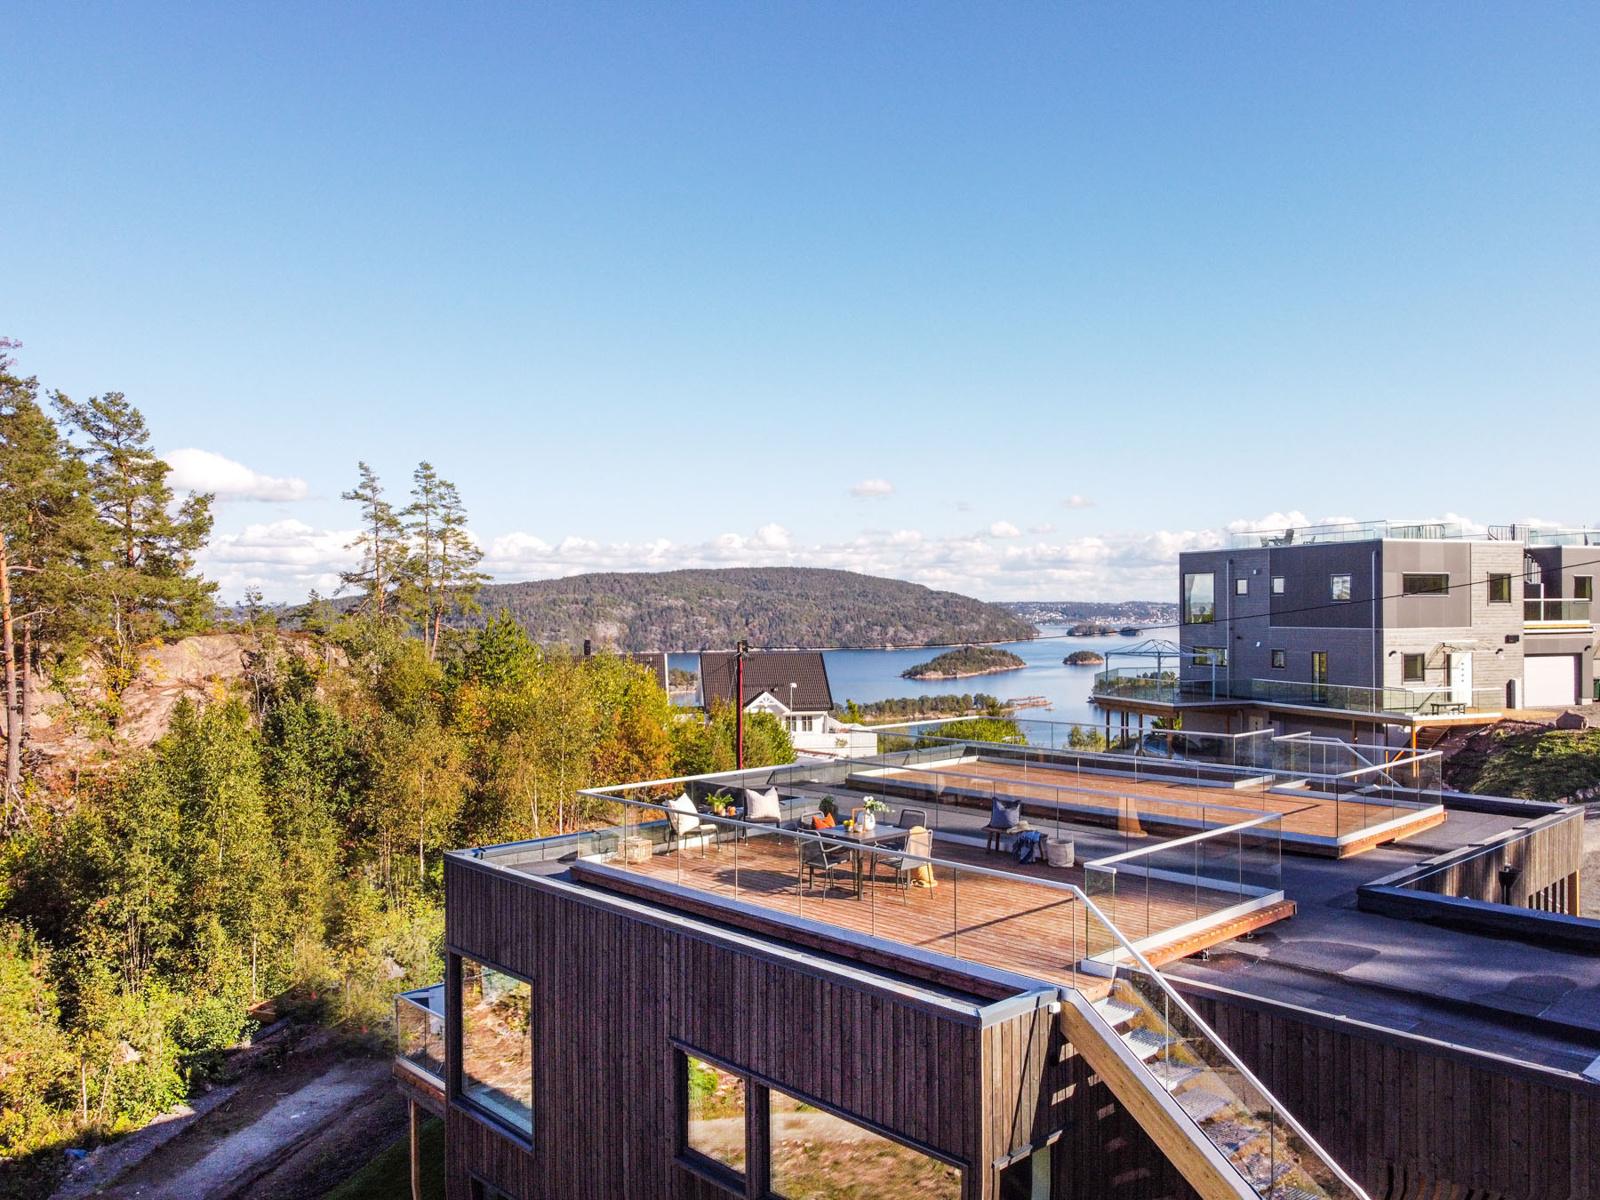 Leiligheten har egen takterrasse på 37 kvm med flott sjøutsikt